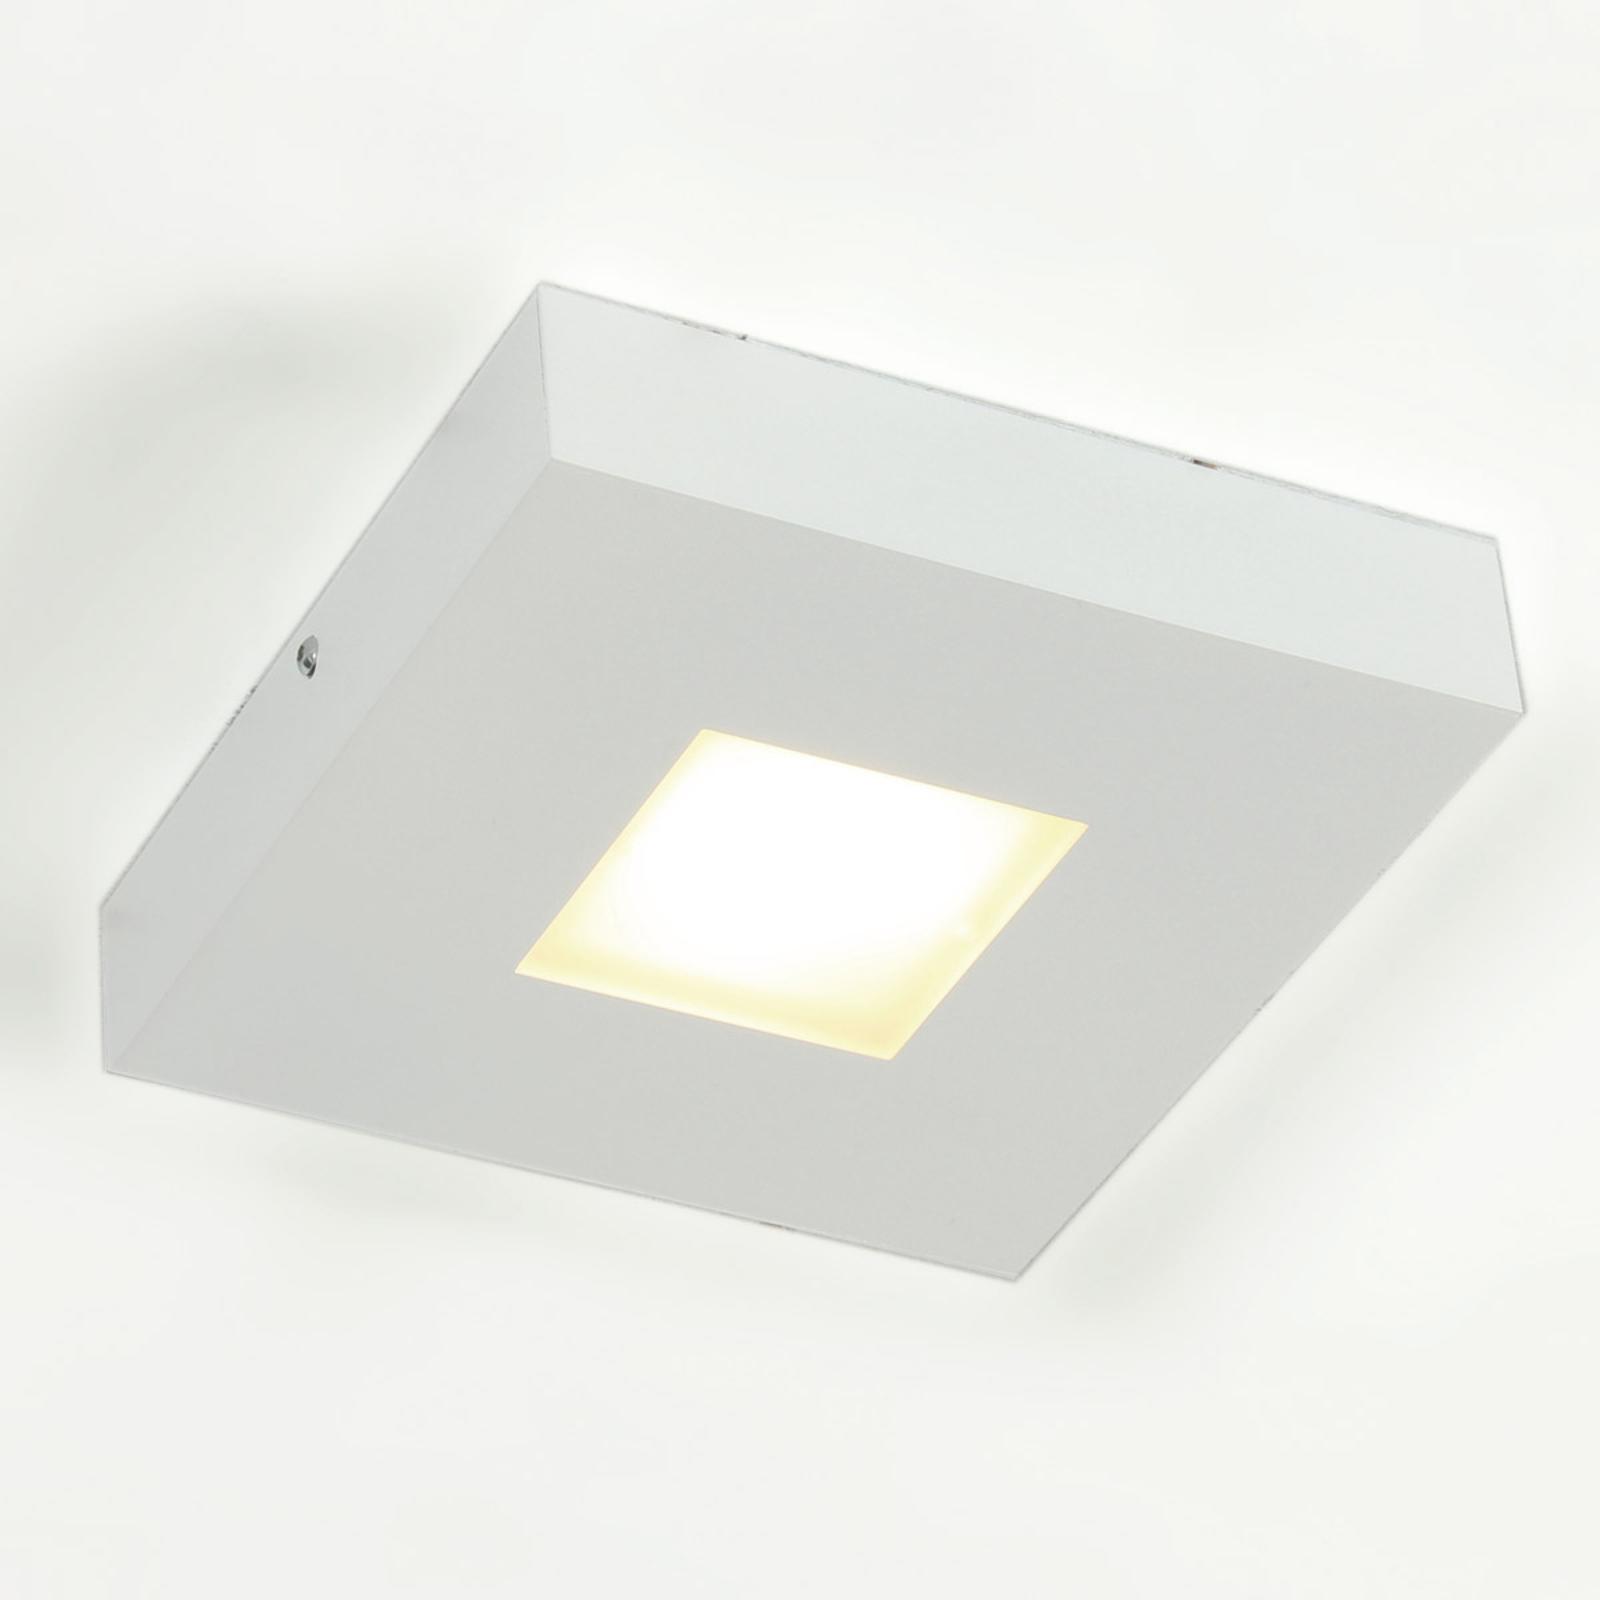 Laadukas LED-kattovalaisin Cubus, valkoinen